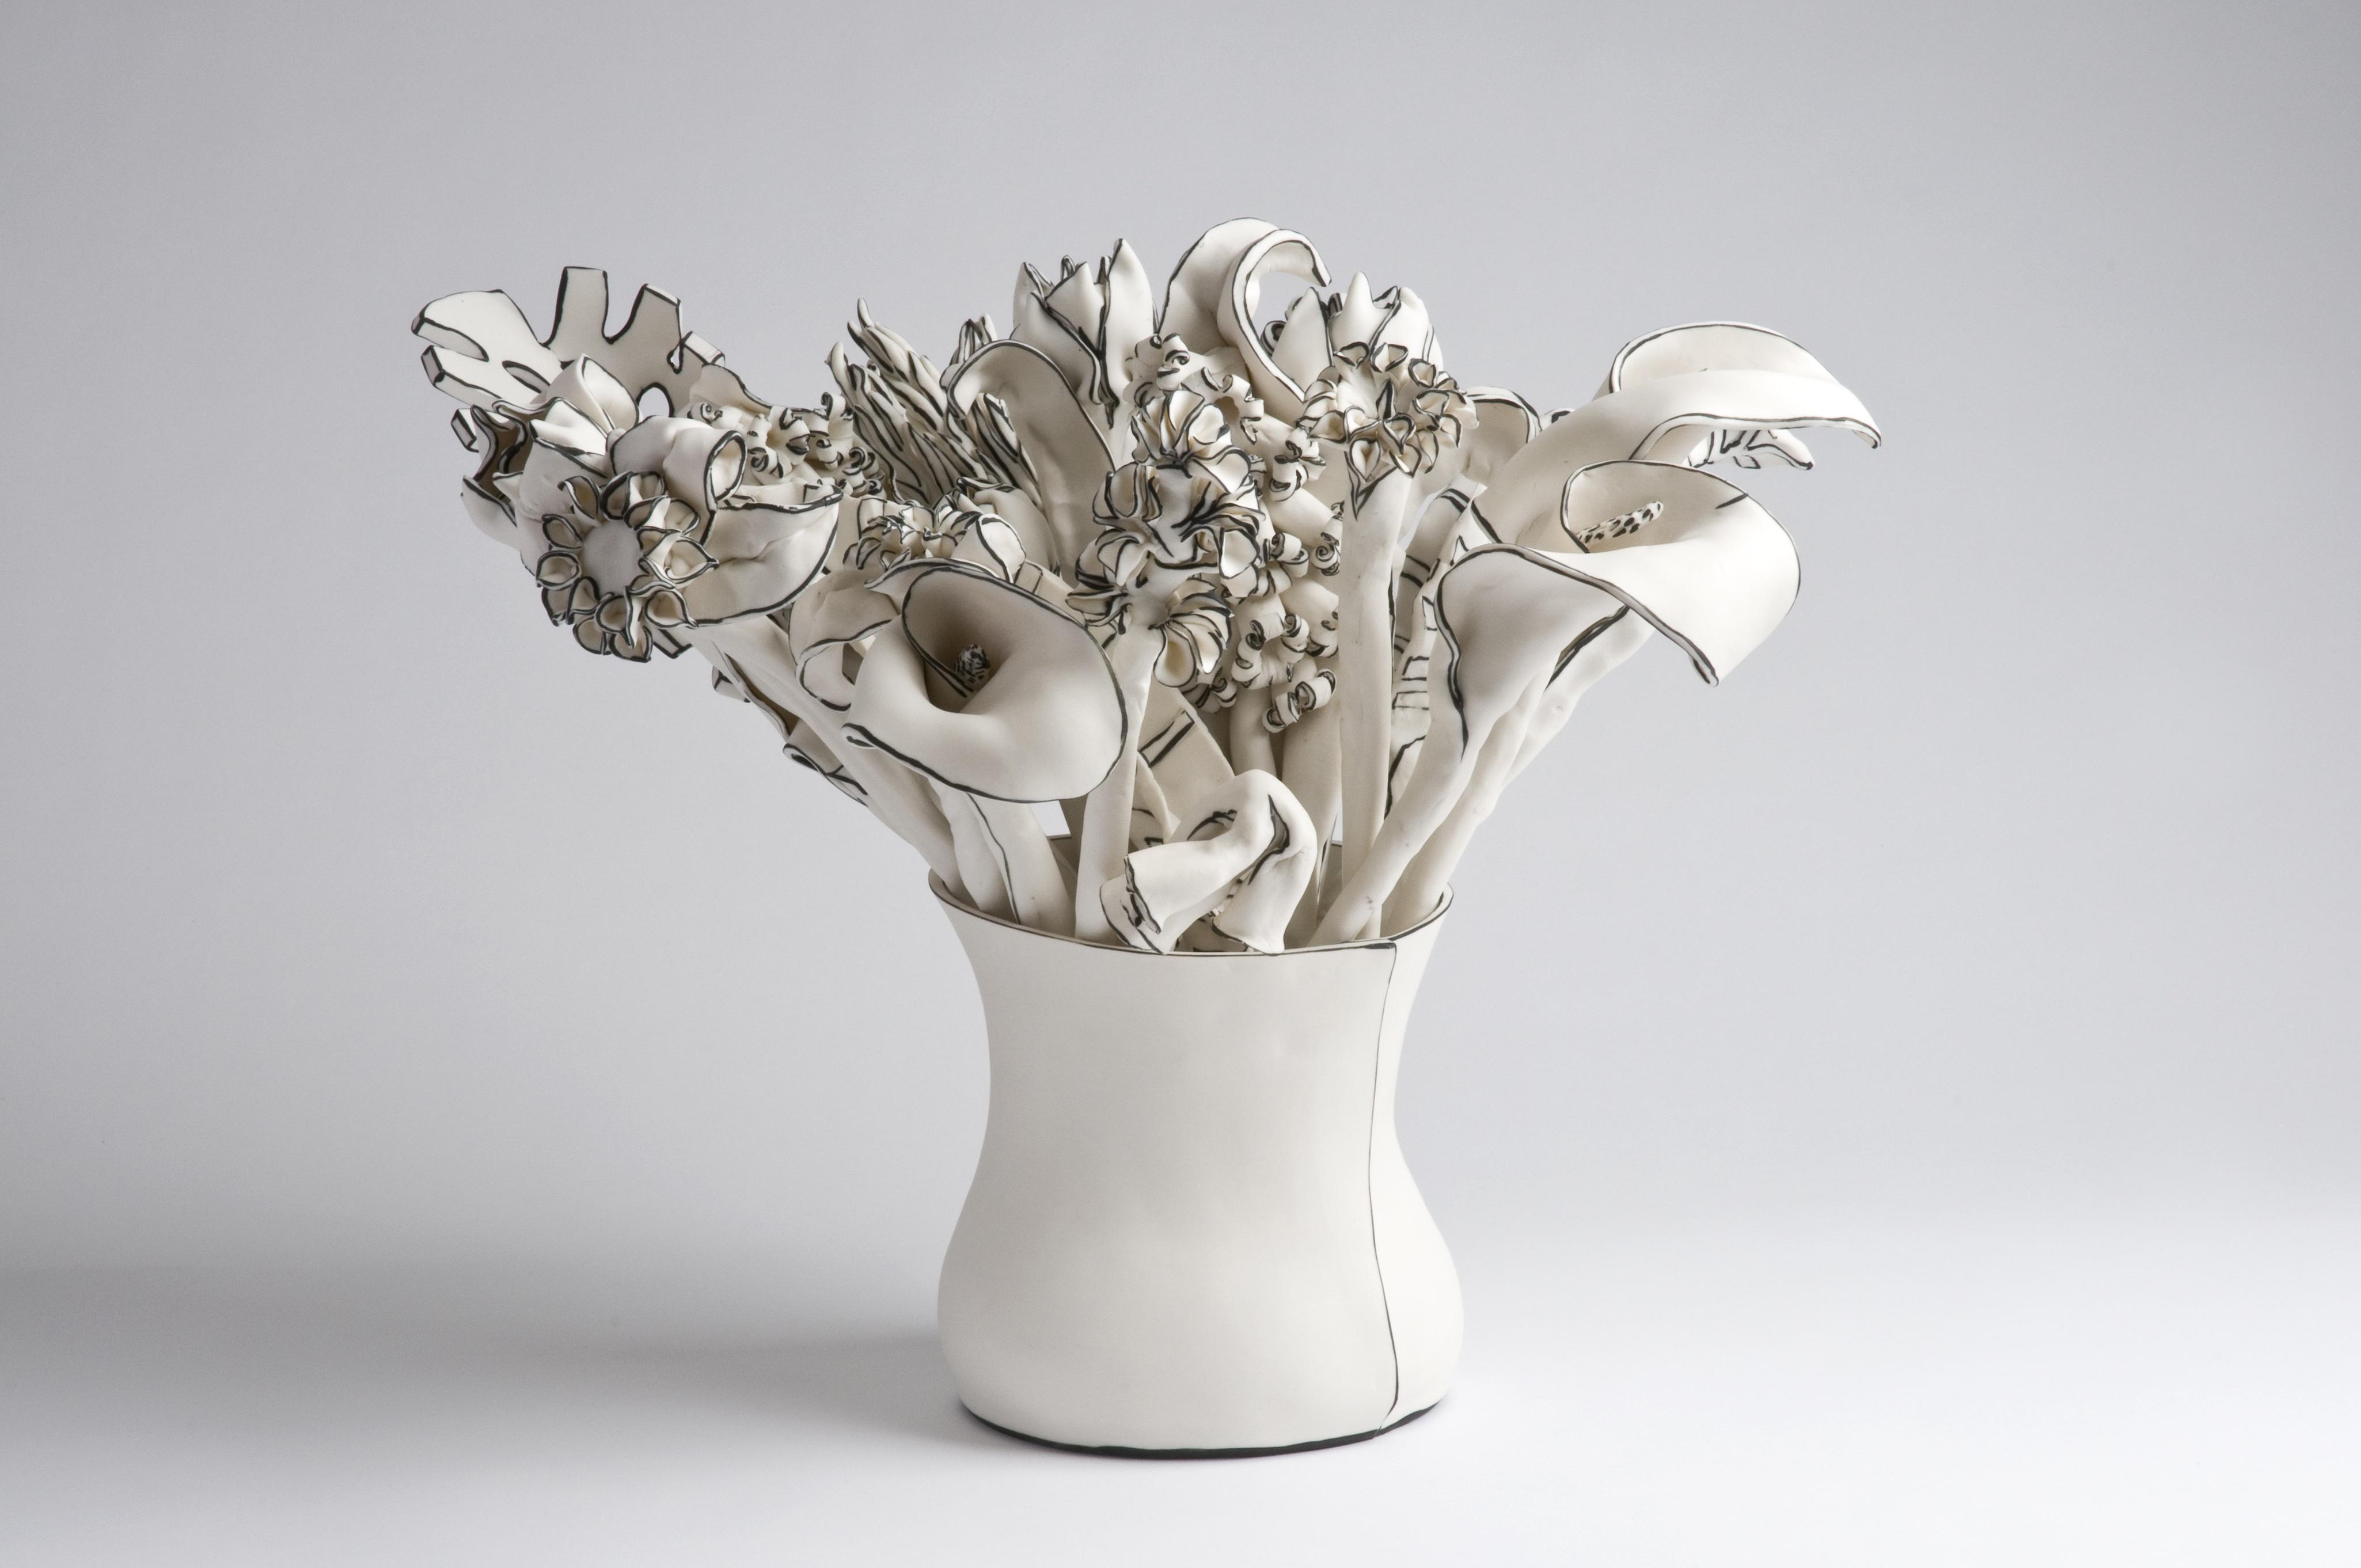 Katharine Morling – Vase of stems – Porcelain and black stain